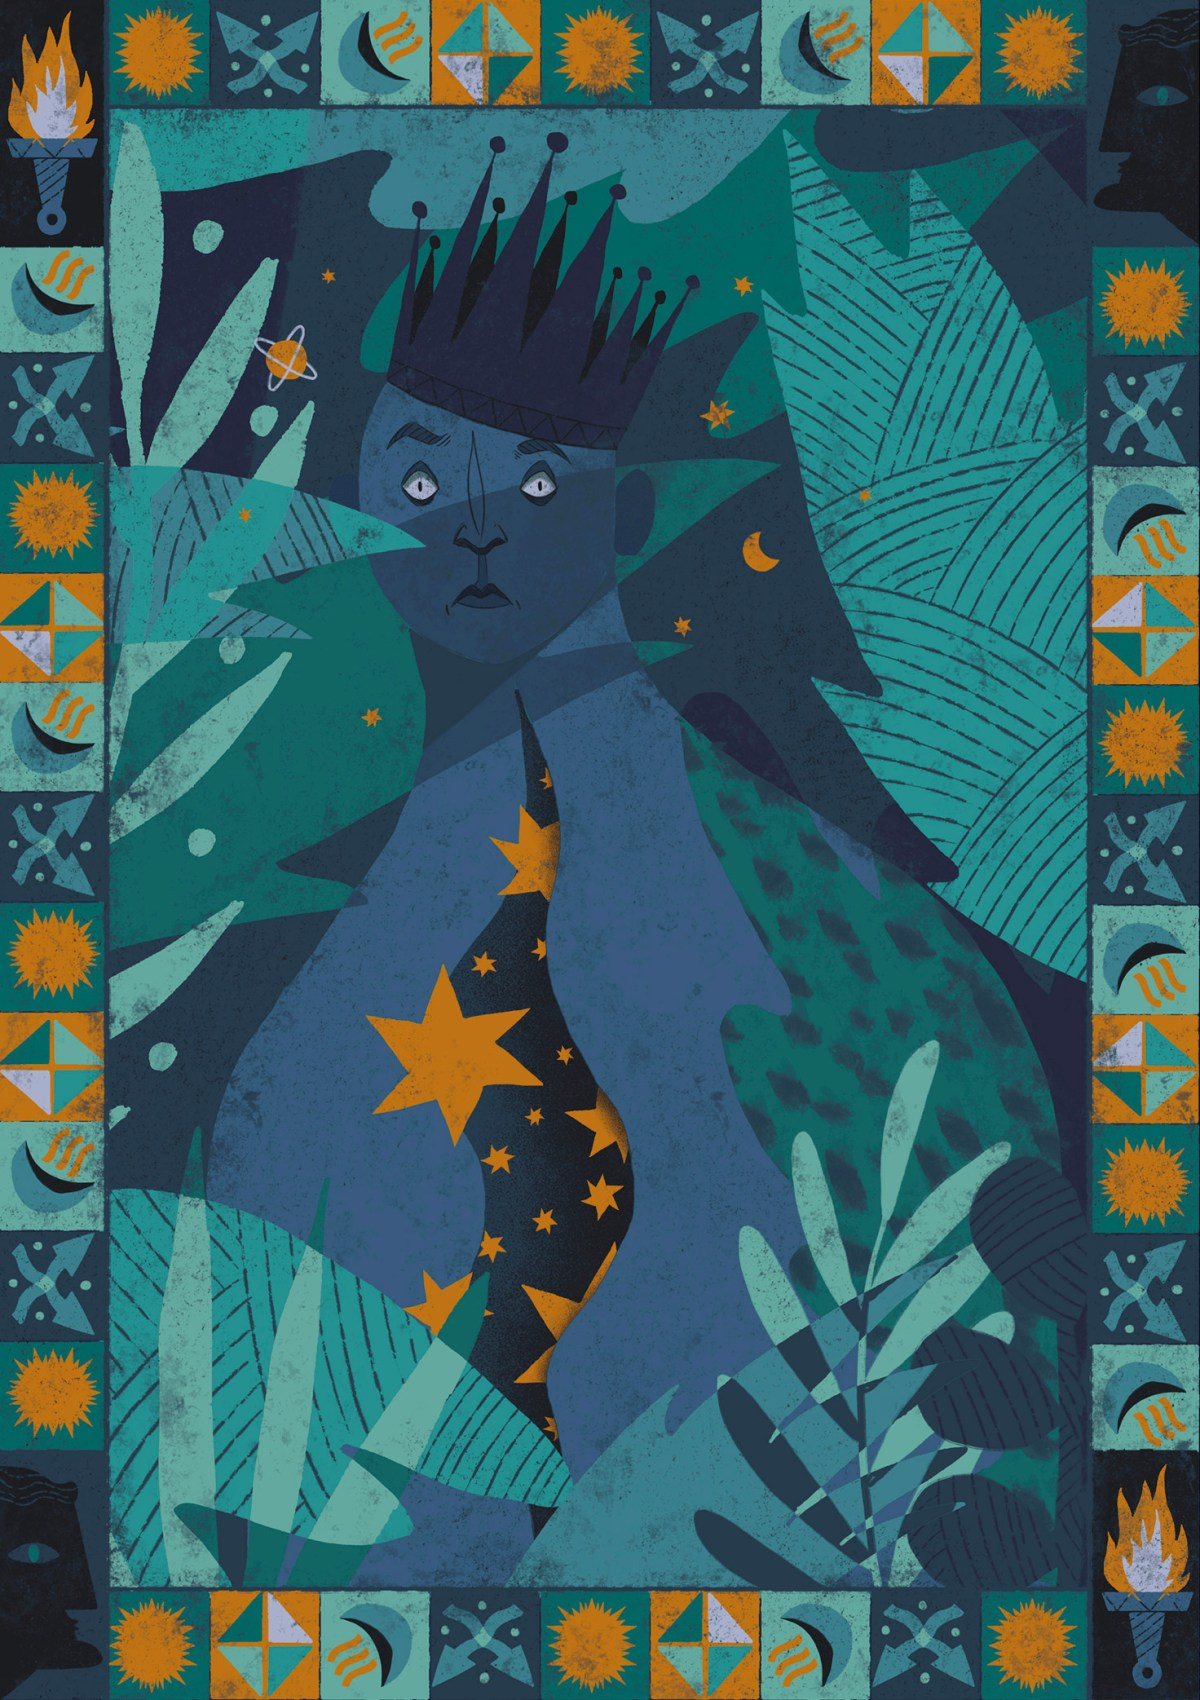 illustration-mete-kaplan-eker-14